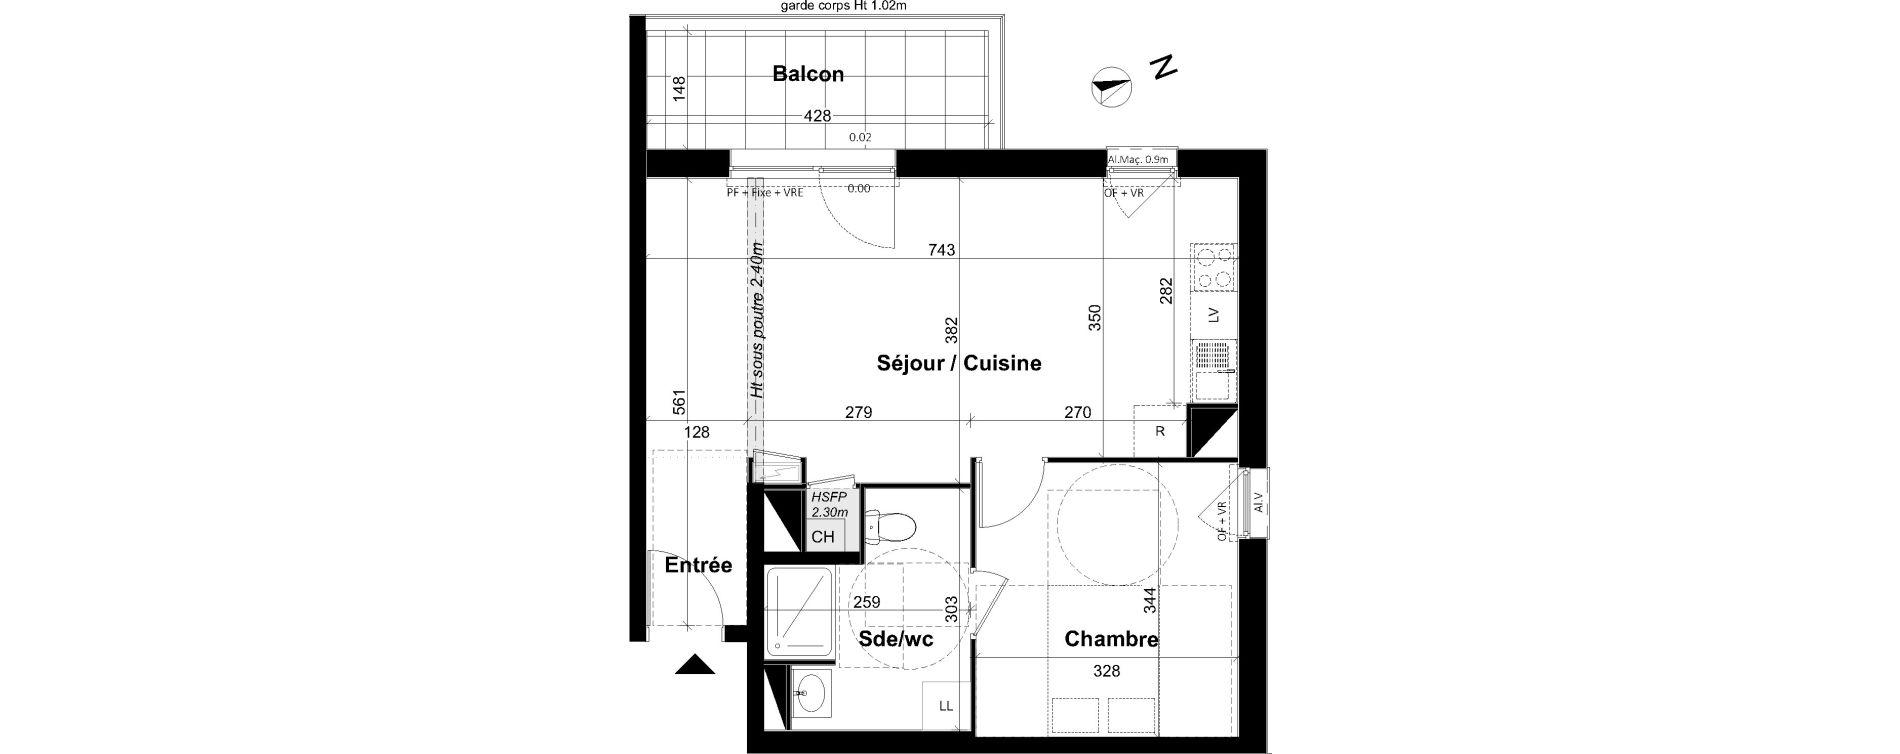 Appartement T2 de 47,13 m2 à Angers Les capucins